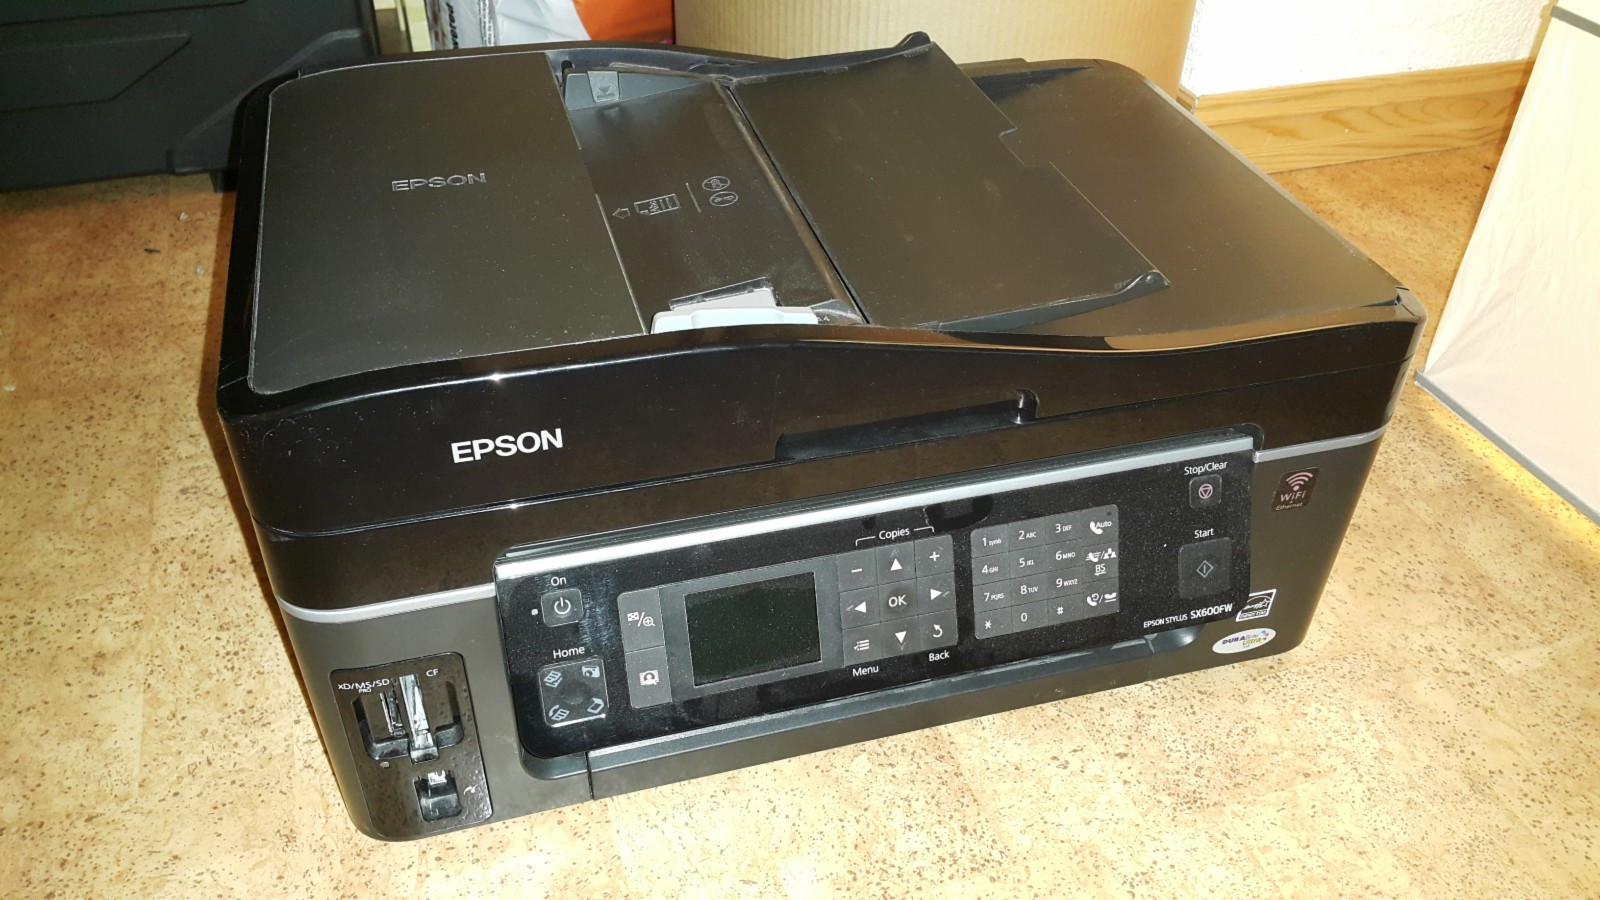 Multifunksjonell skriver Epson SX600FW - WiFi - Hosle  - Blekk skriver, skanner, kopimaskin. Å skrive/kopiere det trenges å rengjøre skrivehodene. Ellers virker fint - Hosle